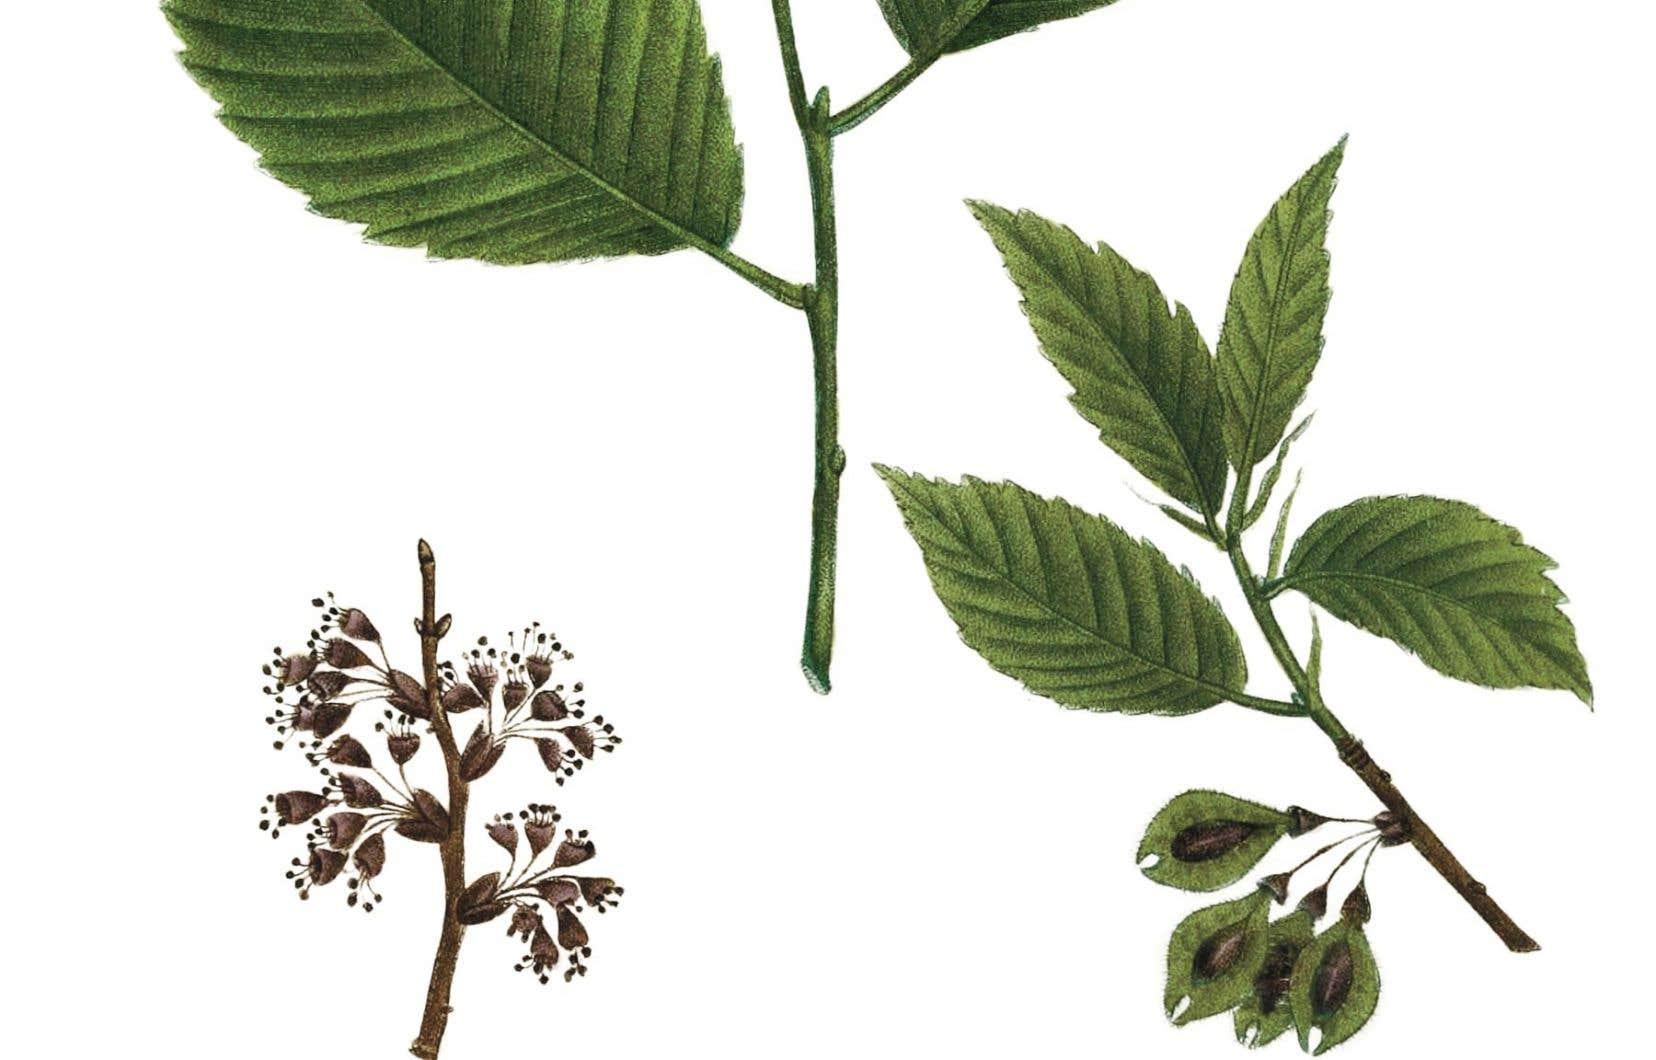 L'orme d'Amérique («Ulmus americana»). Illustration tirée d'«Histoire des arbres forestiers septentrionale», de François André Michaux.